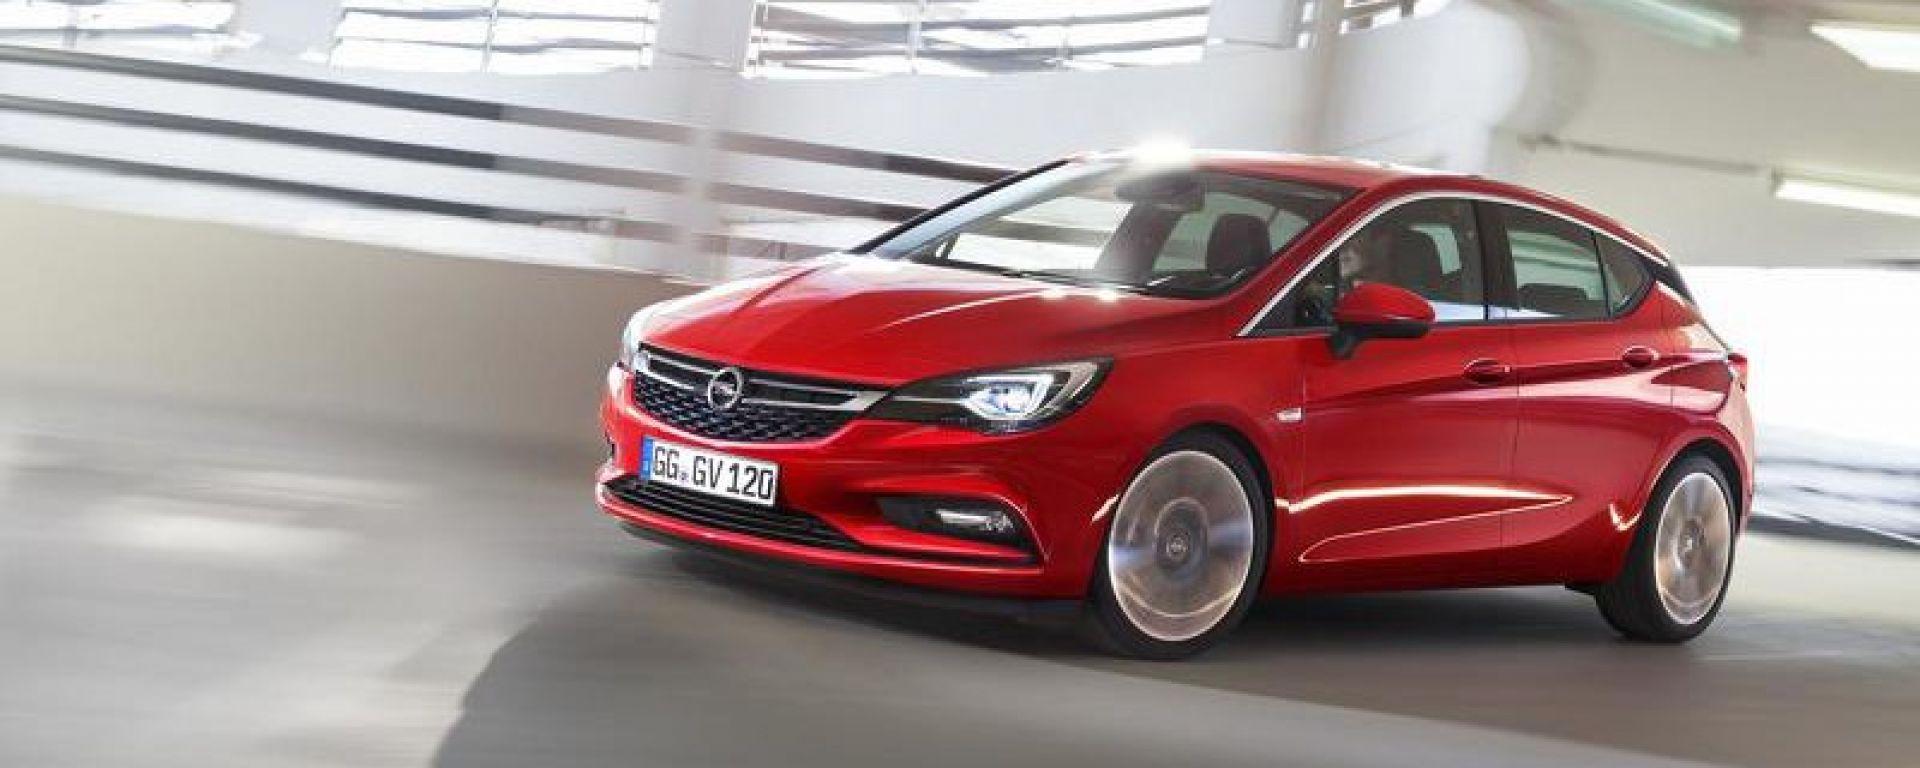 Opel Astra Auto dell'Anno 2016